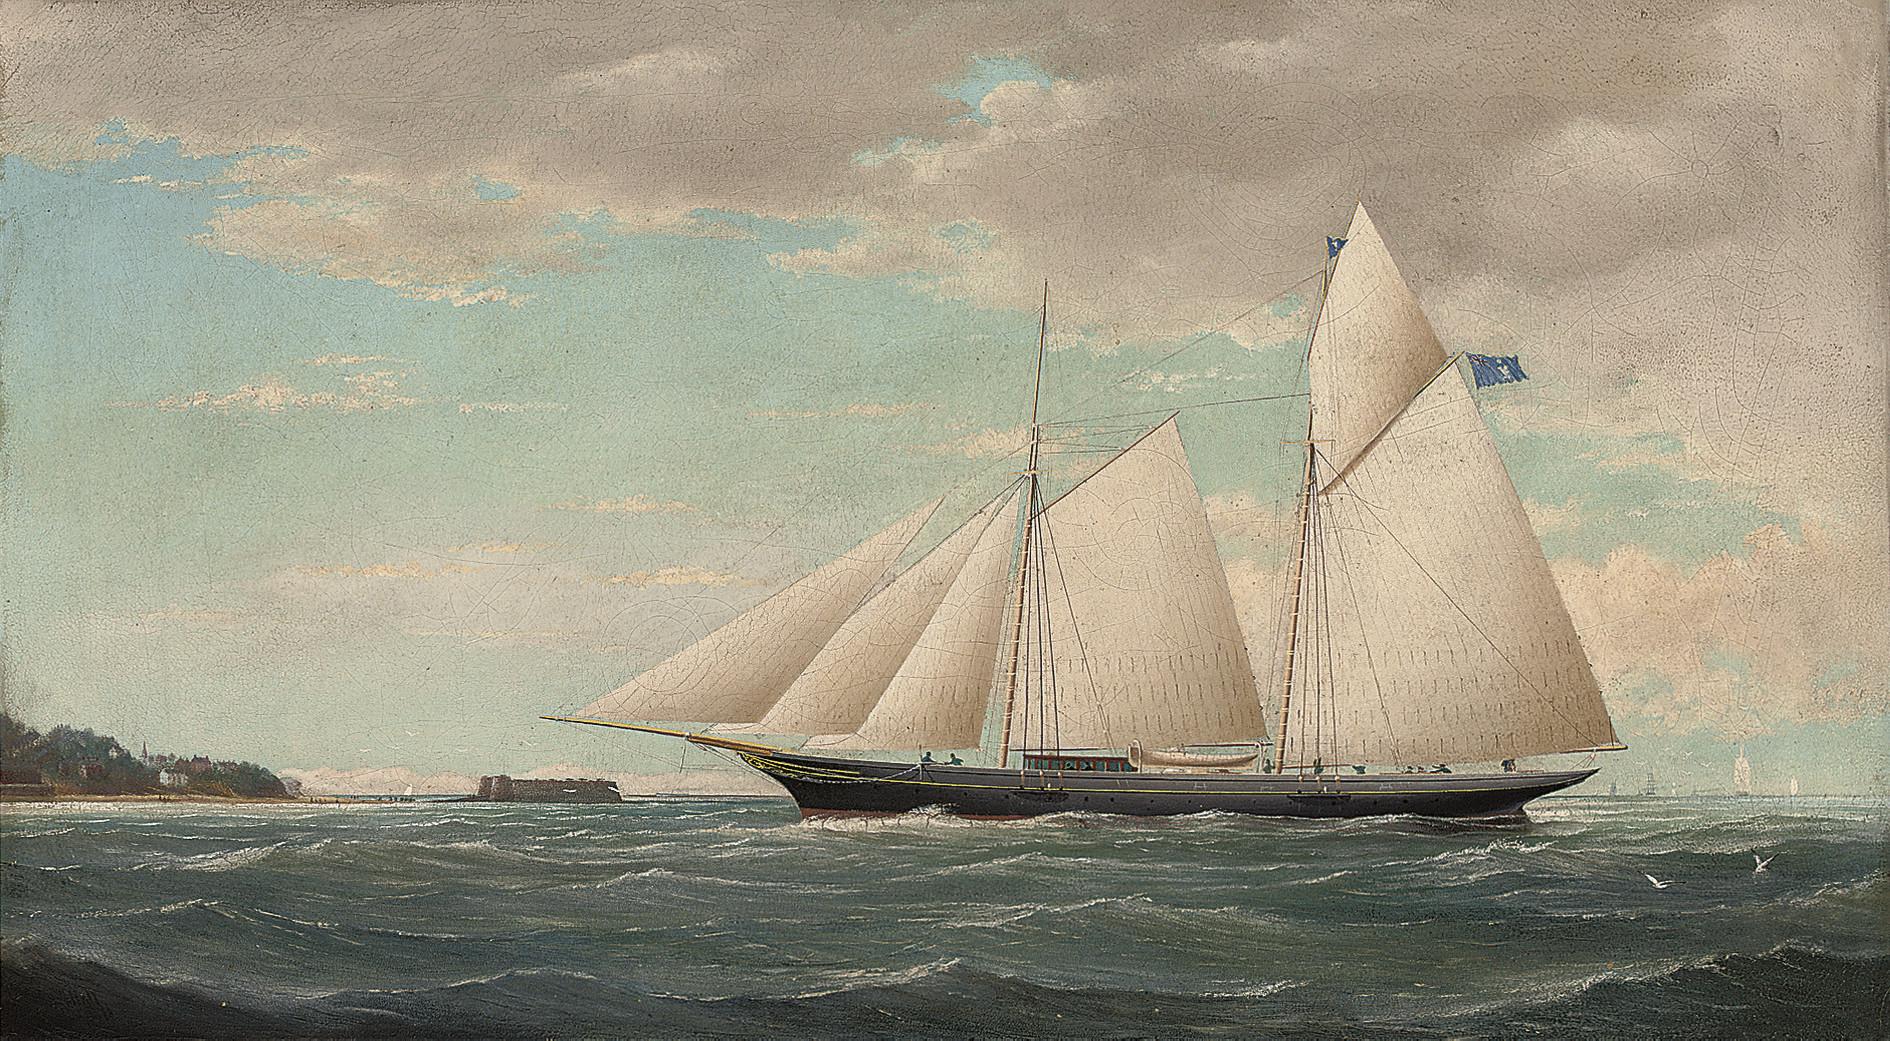 J. Hall (c.1876)